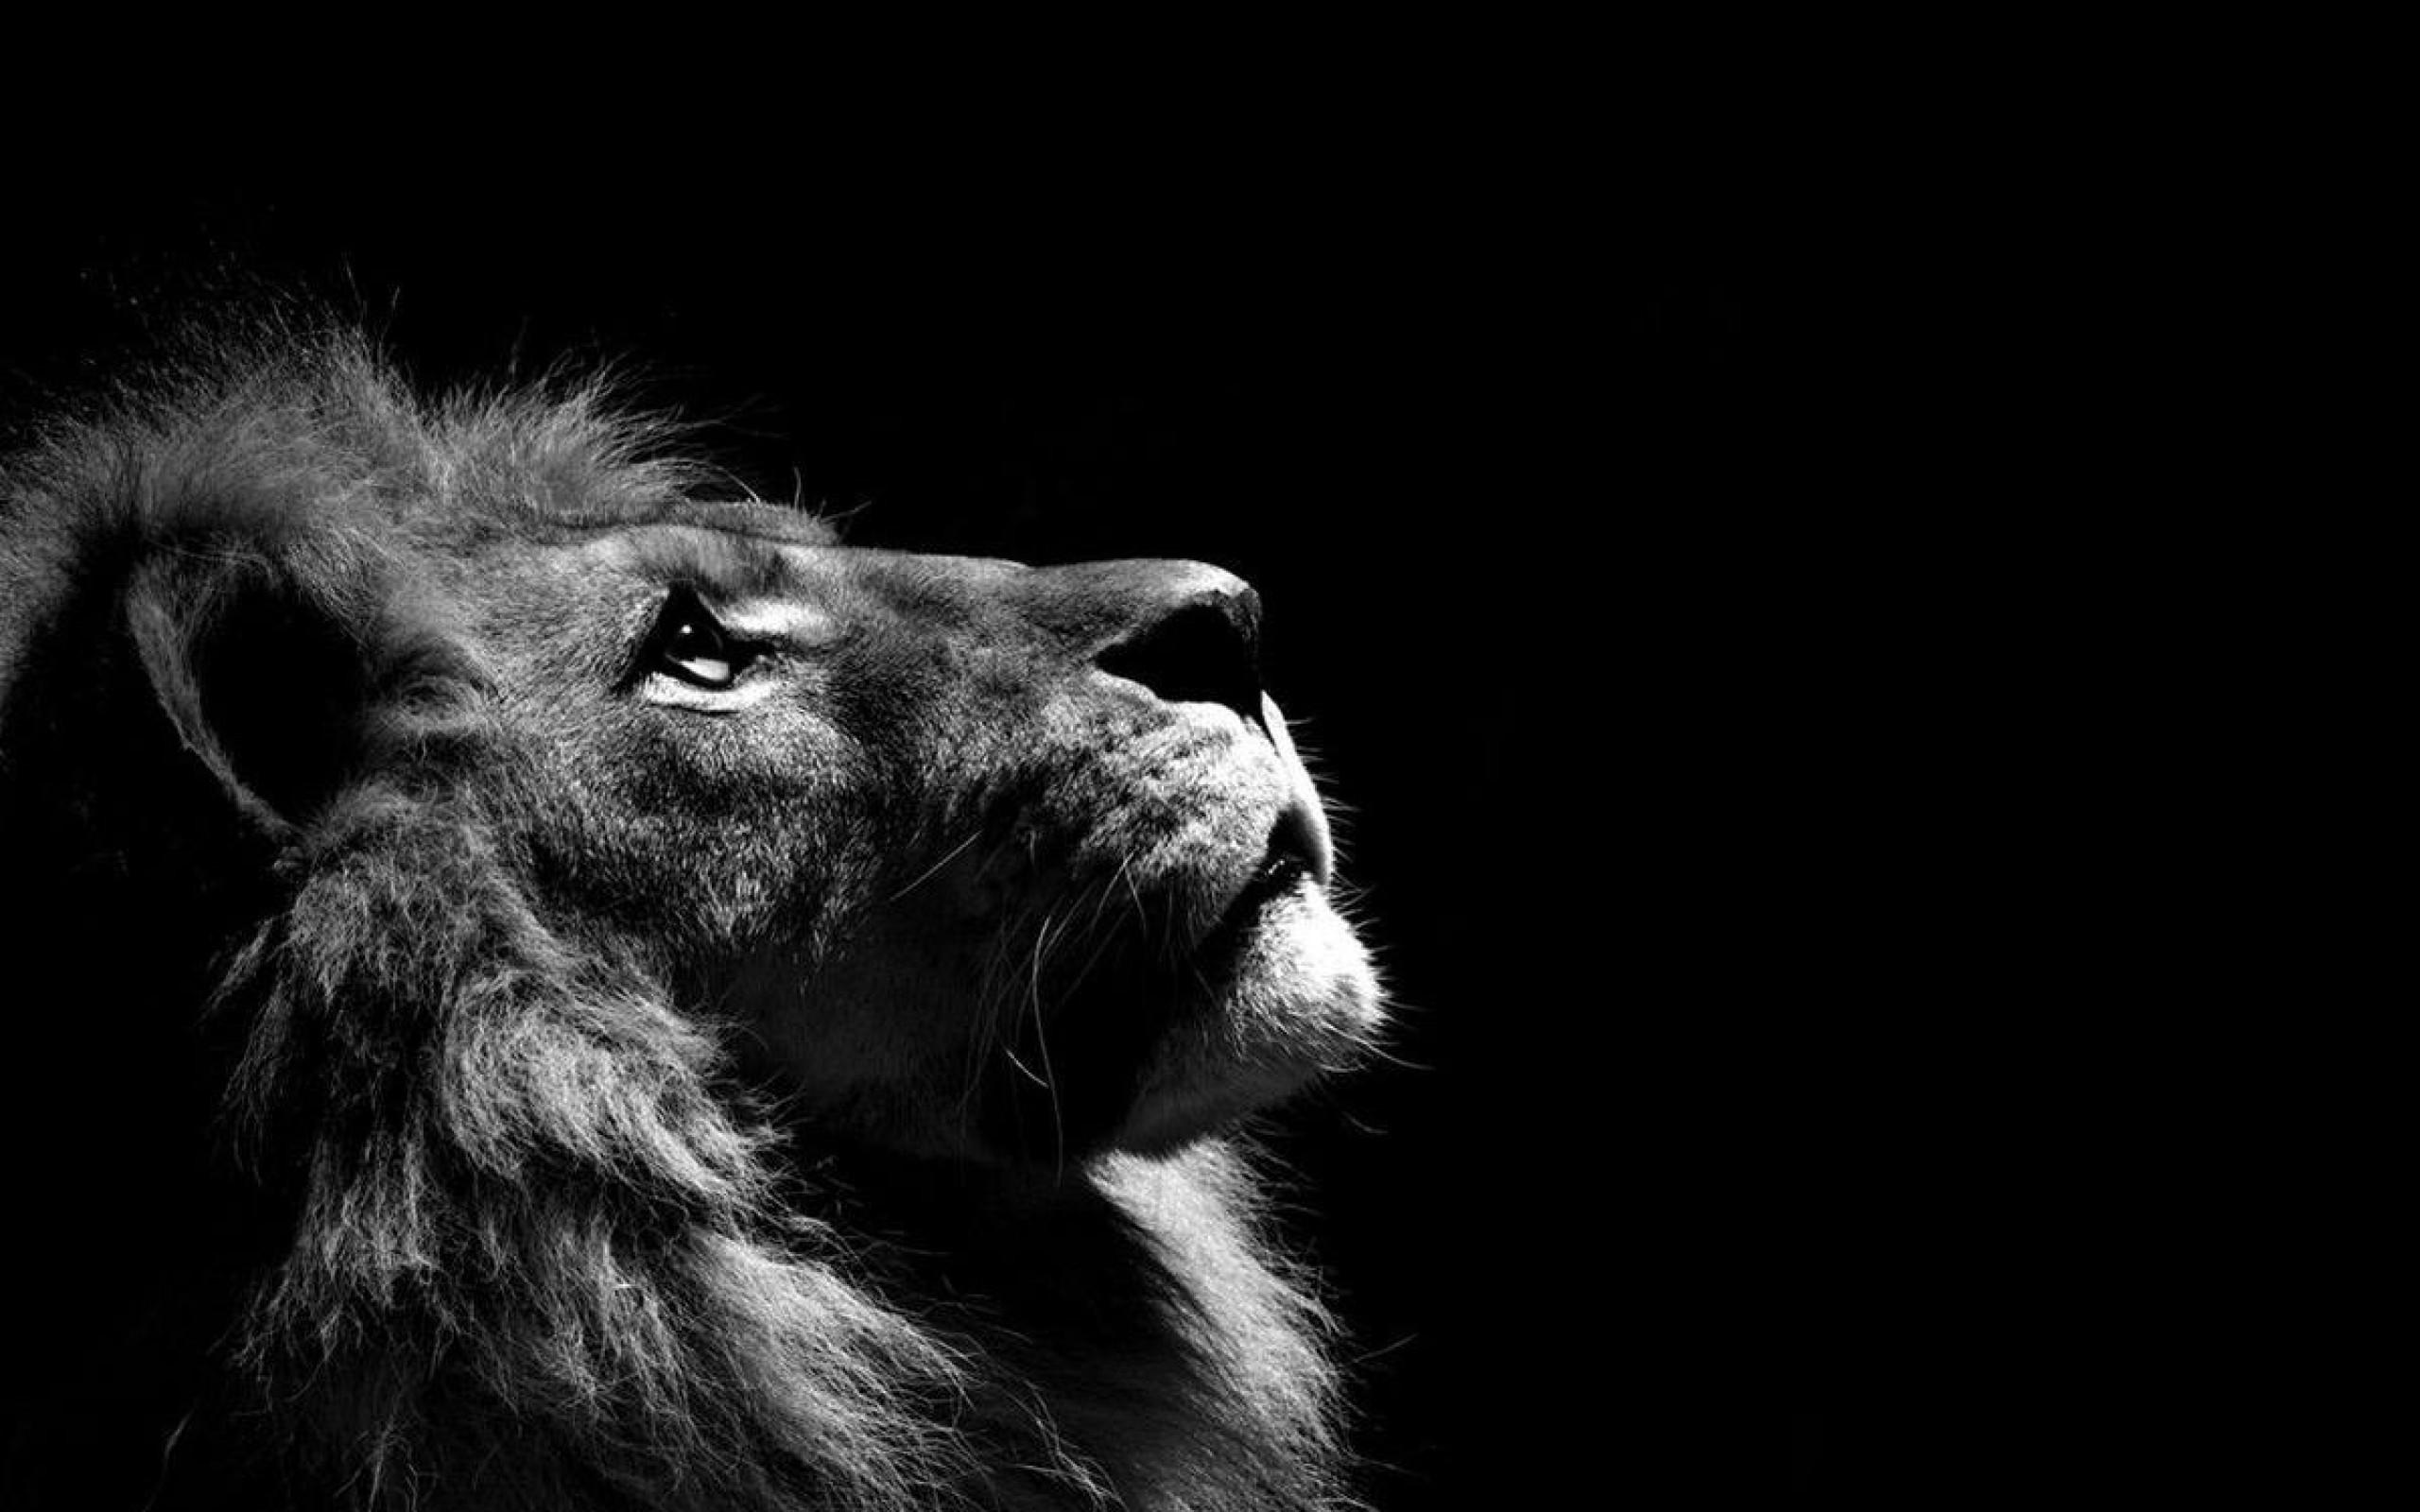 Lion Wallpaper 11